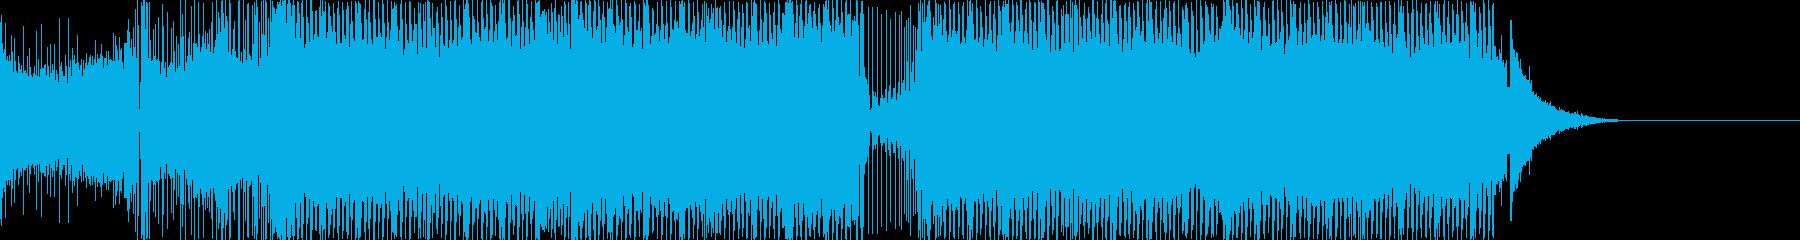 パワフルでエレクトロなダンスBGMの再生済みの波形